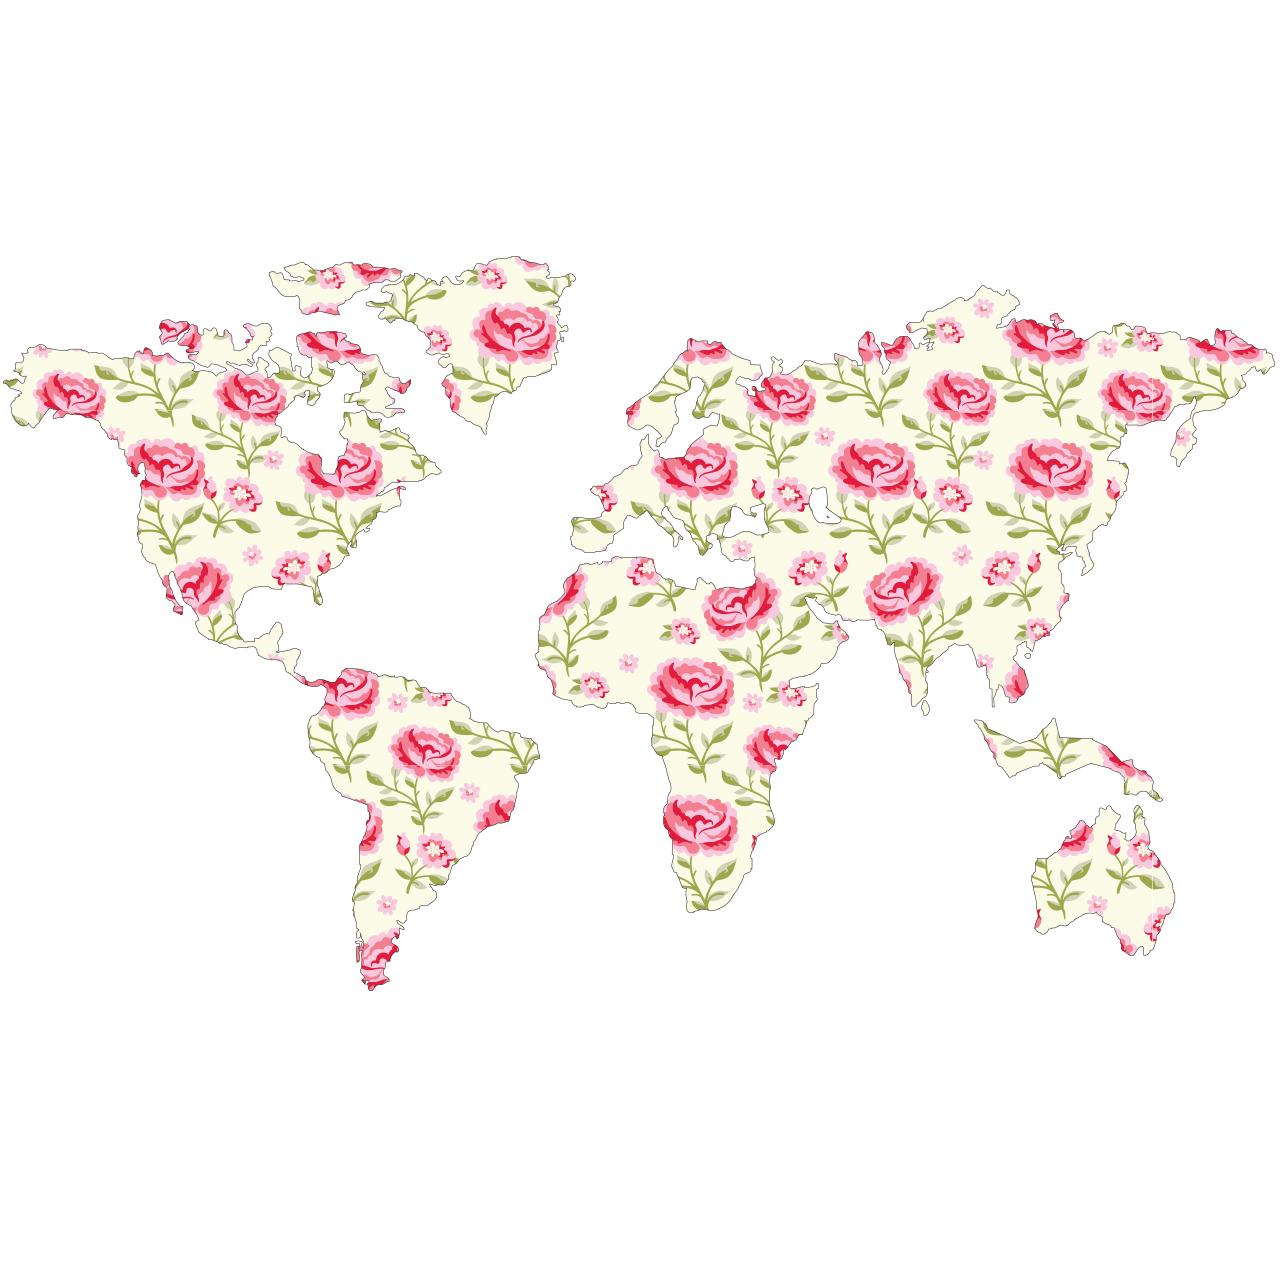 استیکر دیواری صالسو آرت طرح peony pink map hk